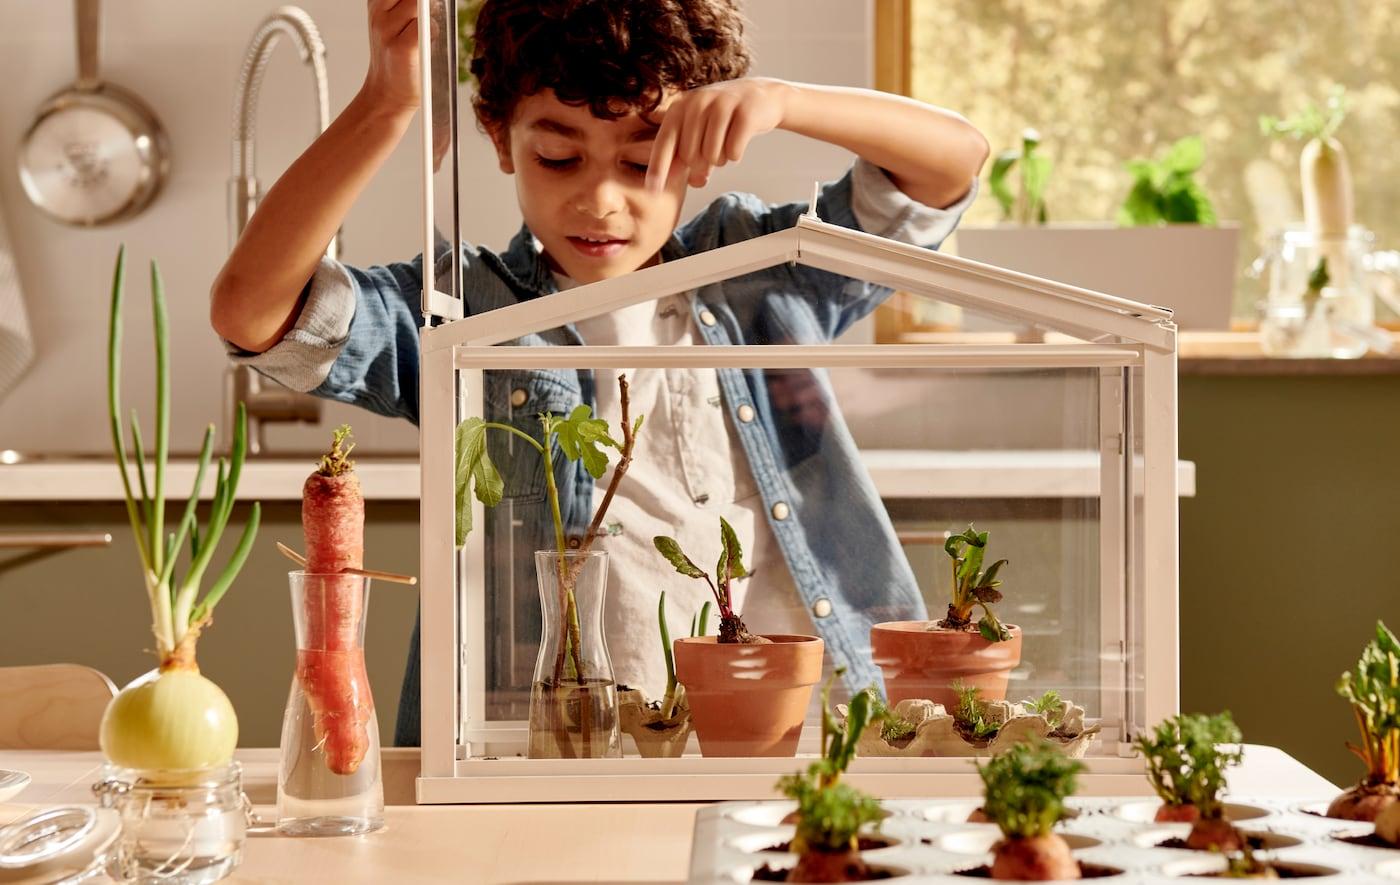 Un petit garçon en train d'arroser de jeunes plantes dans une serre SOCKER. À côté, sur la table, différents légumes sont placés dans de l'eau ou du terreau.